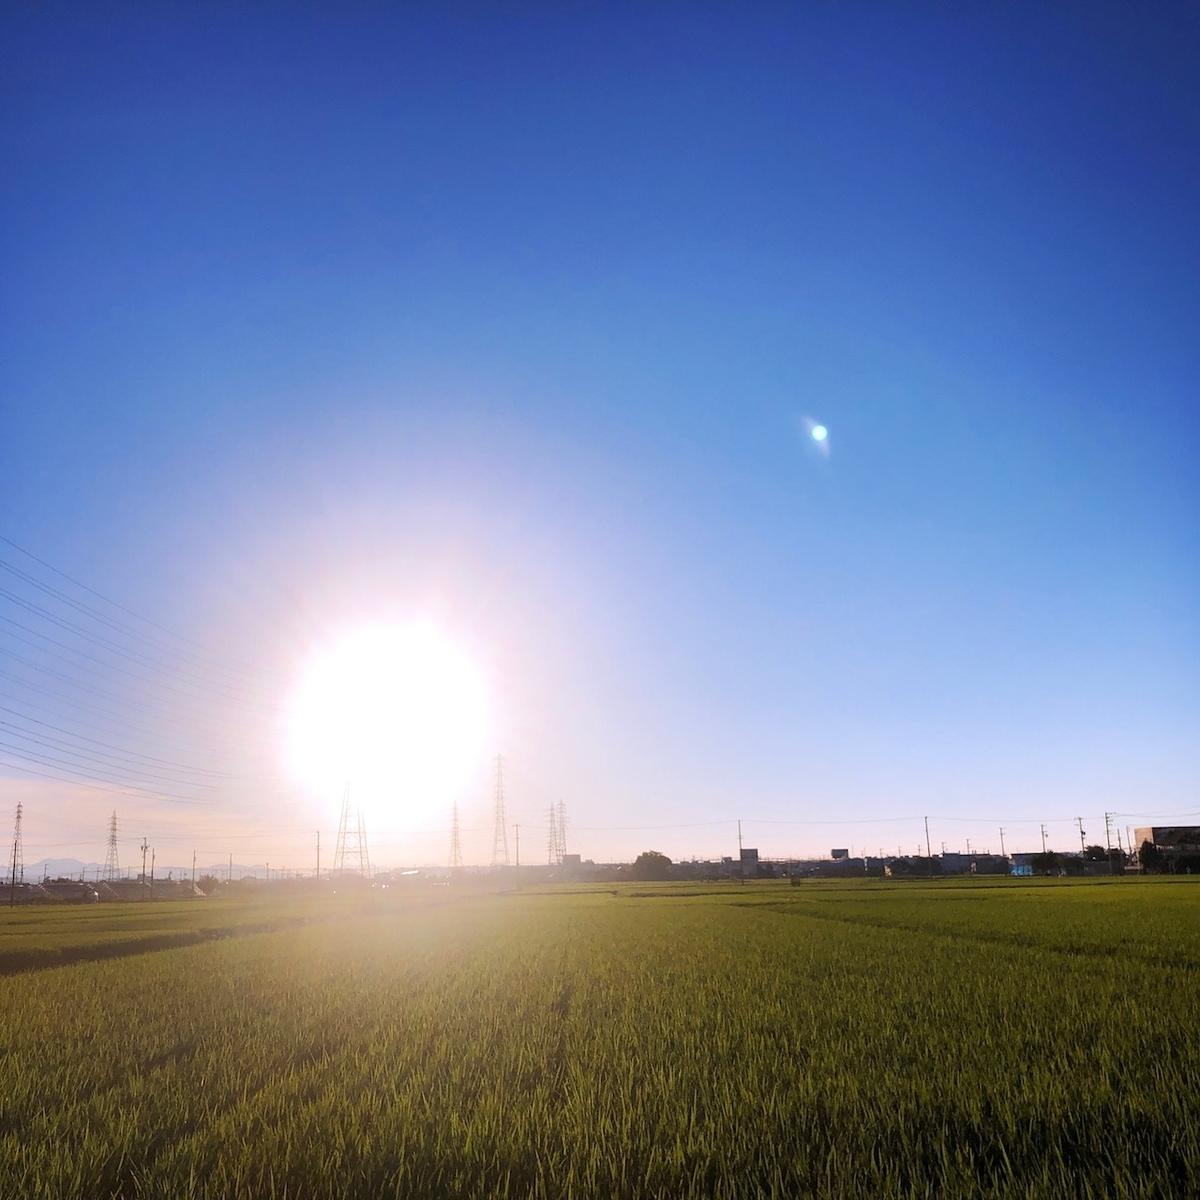 f:id:mick_kamihara:20200816055031j:plain